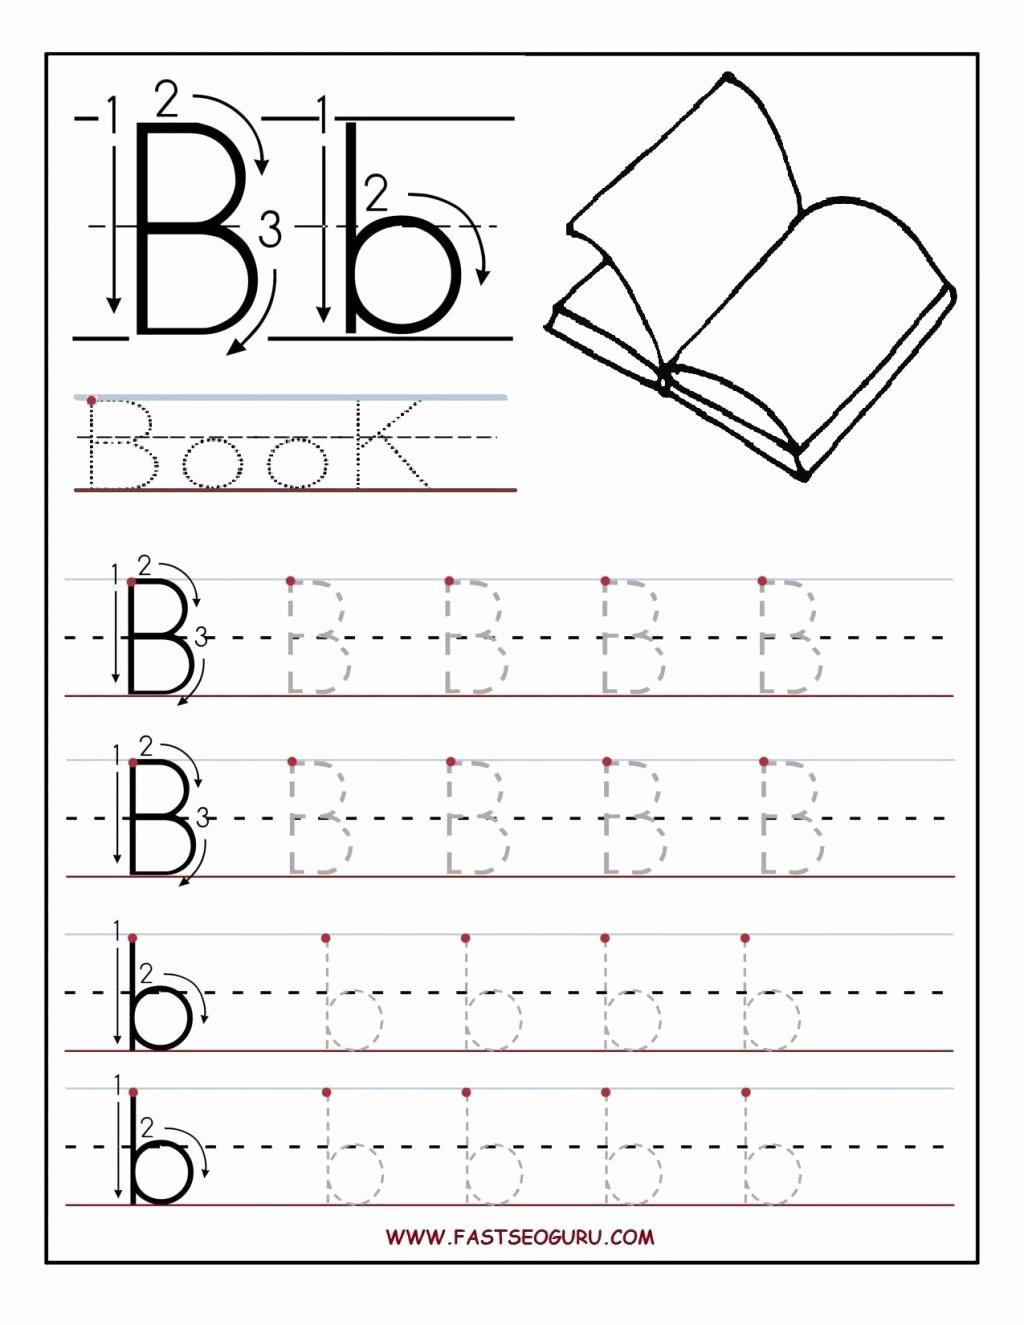 Free Alphabet Tracing Worksheets for Preschoolers Lovely Worksheet Excelent Letter Tracing Worksheets Free